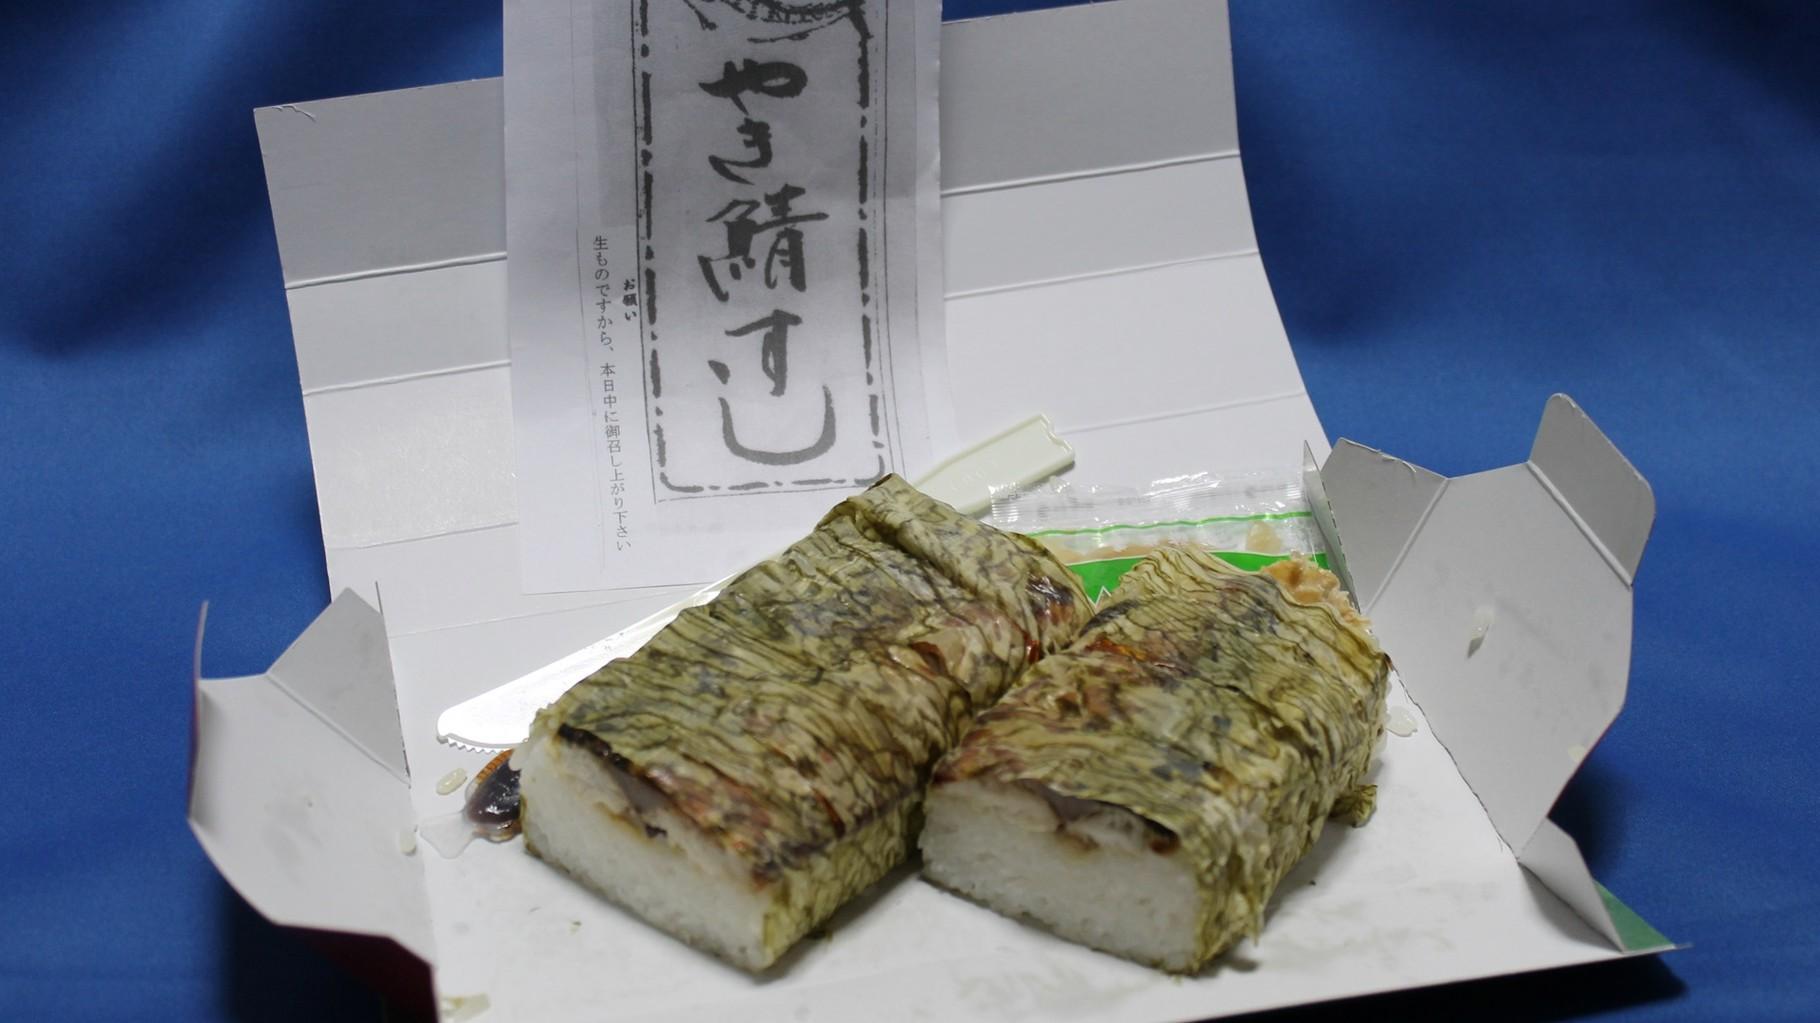 一般的な焼き鯖寿司と違っためちゃウマの鯖寿司